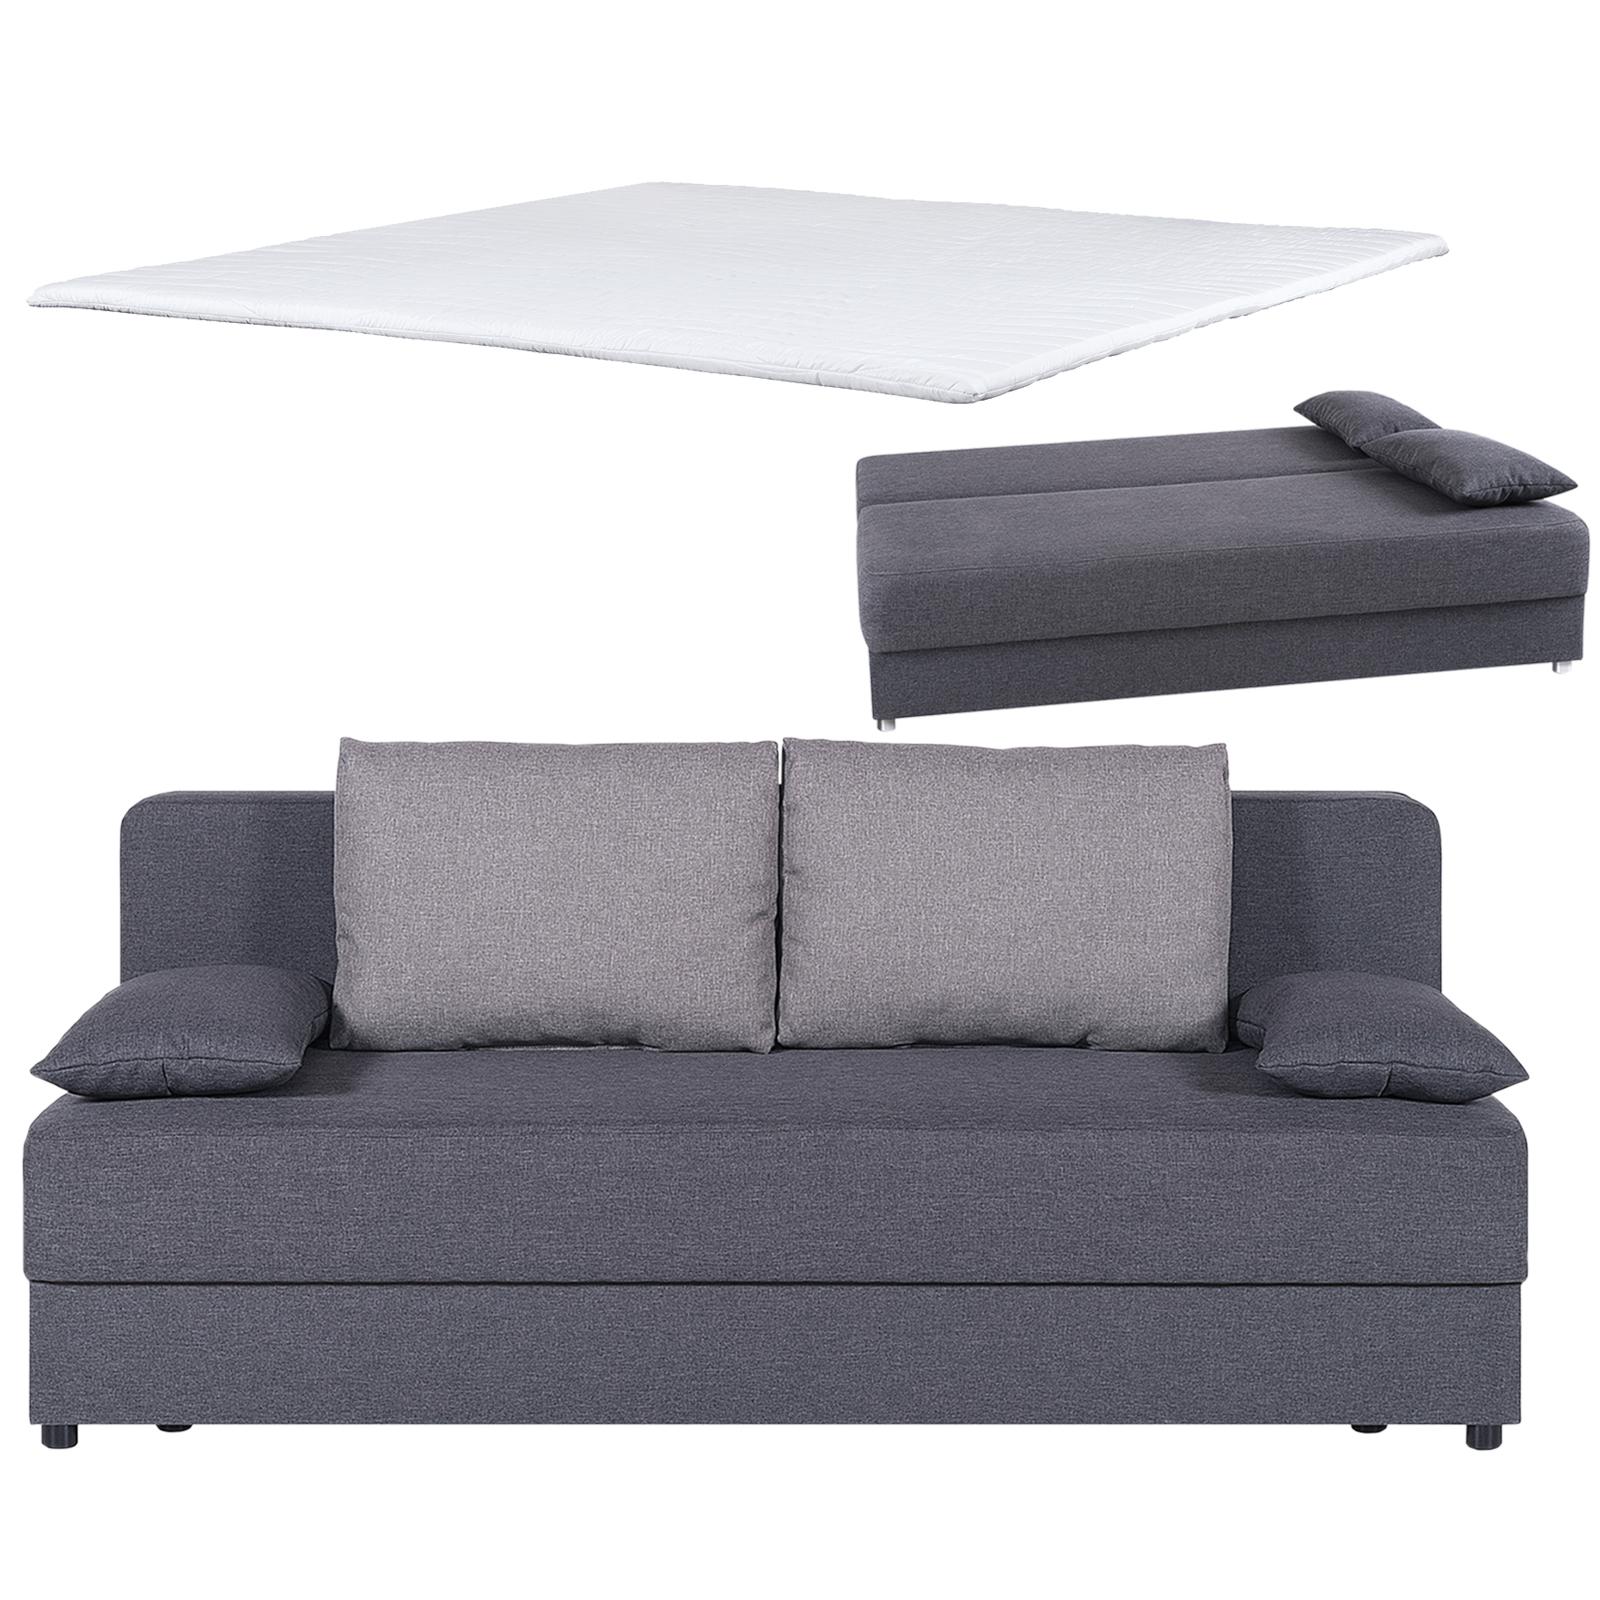 Full Size of Federkern Sofa Gut Oder Schlecht Mit Schlaffunktion Reparieren Kosten Quietscht Knarrt Ikea Was Ist Das Vorteile Reparatur Bonell Selbst Zu Hart Durchgesessen Sofa Federkern Sofa